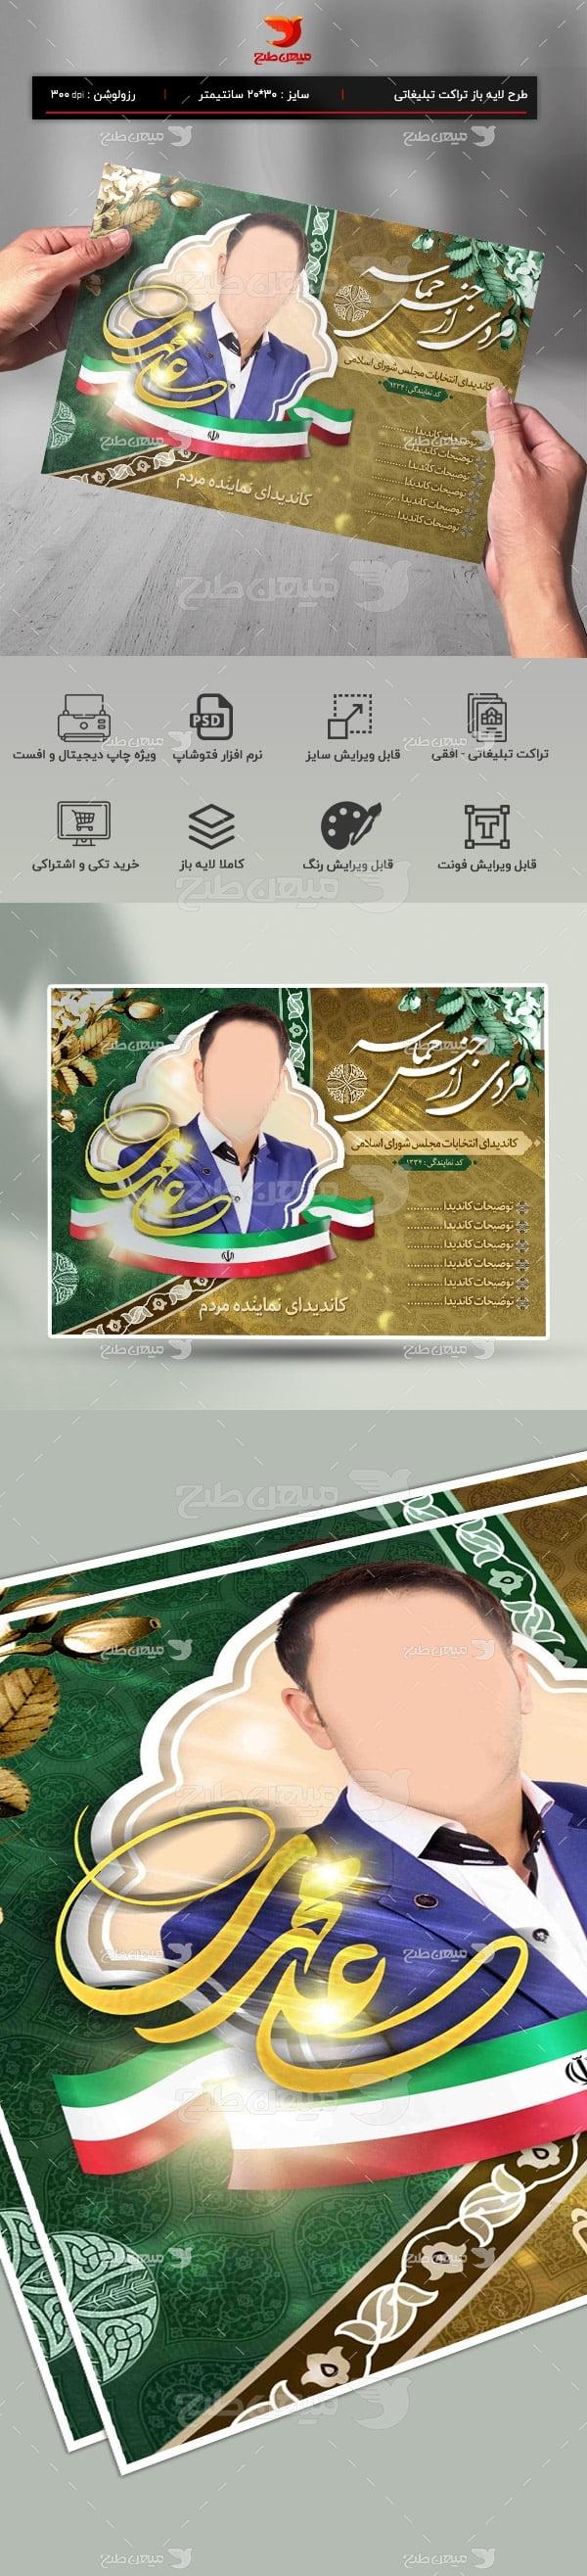 طرح لایه باز پوستر تبلیغاتی انتخابات مجلس